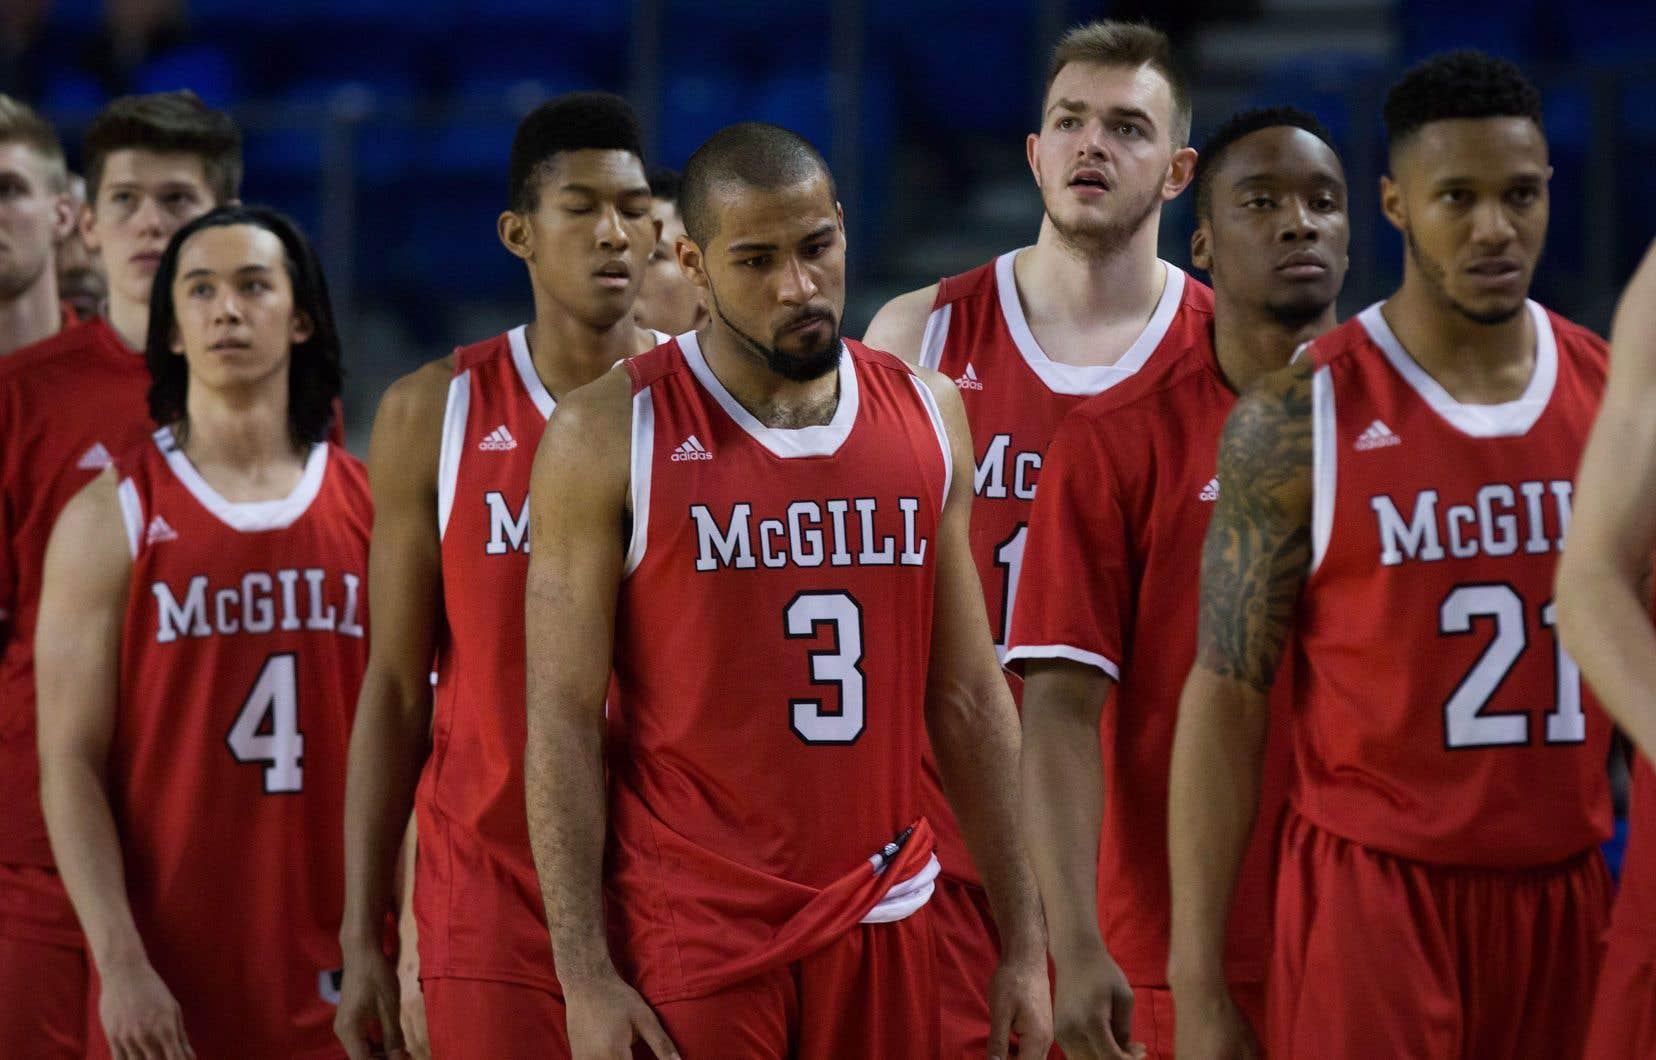 Les équipes masculines de l'Université McGill sont appelées les «Redmen», un terme péjoratif employé pour décrire les Amérindiens.